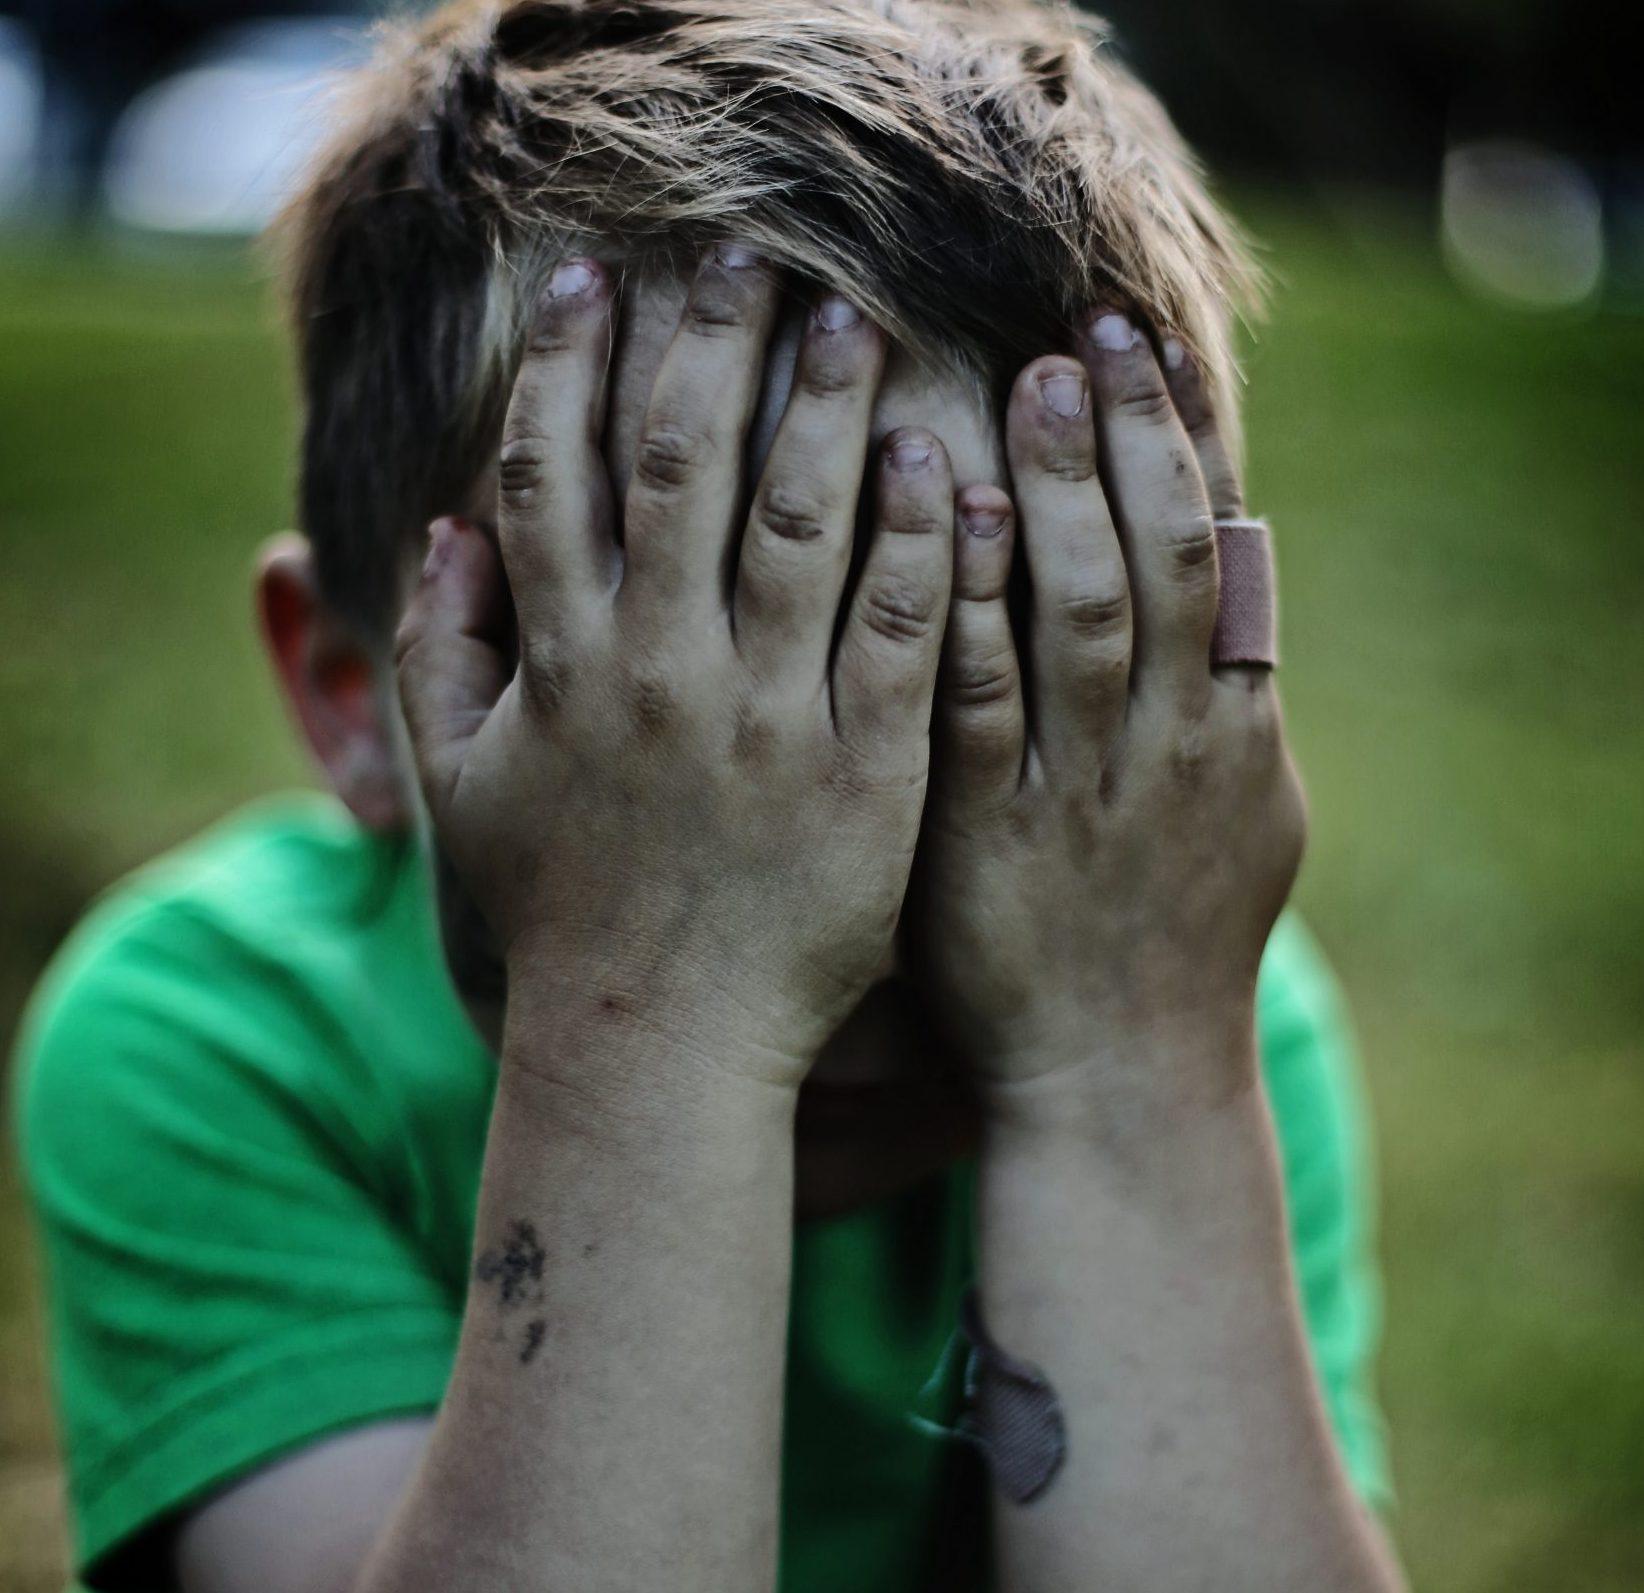 Kanadalaisäidin tapa rauhoittaa lastansa tunnekuohun jälkeen hellyyttää